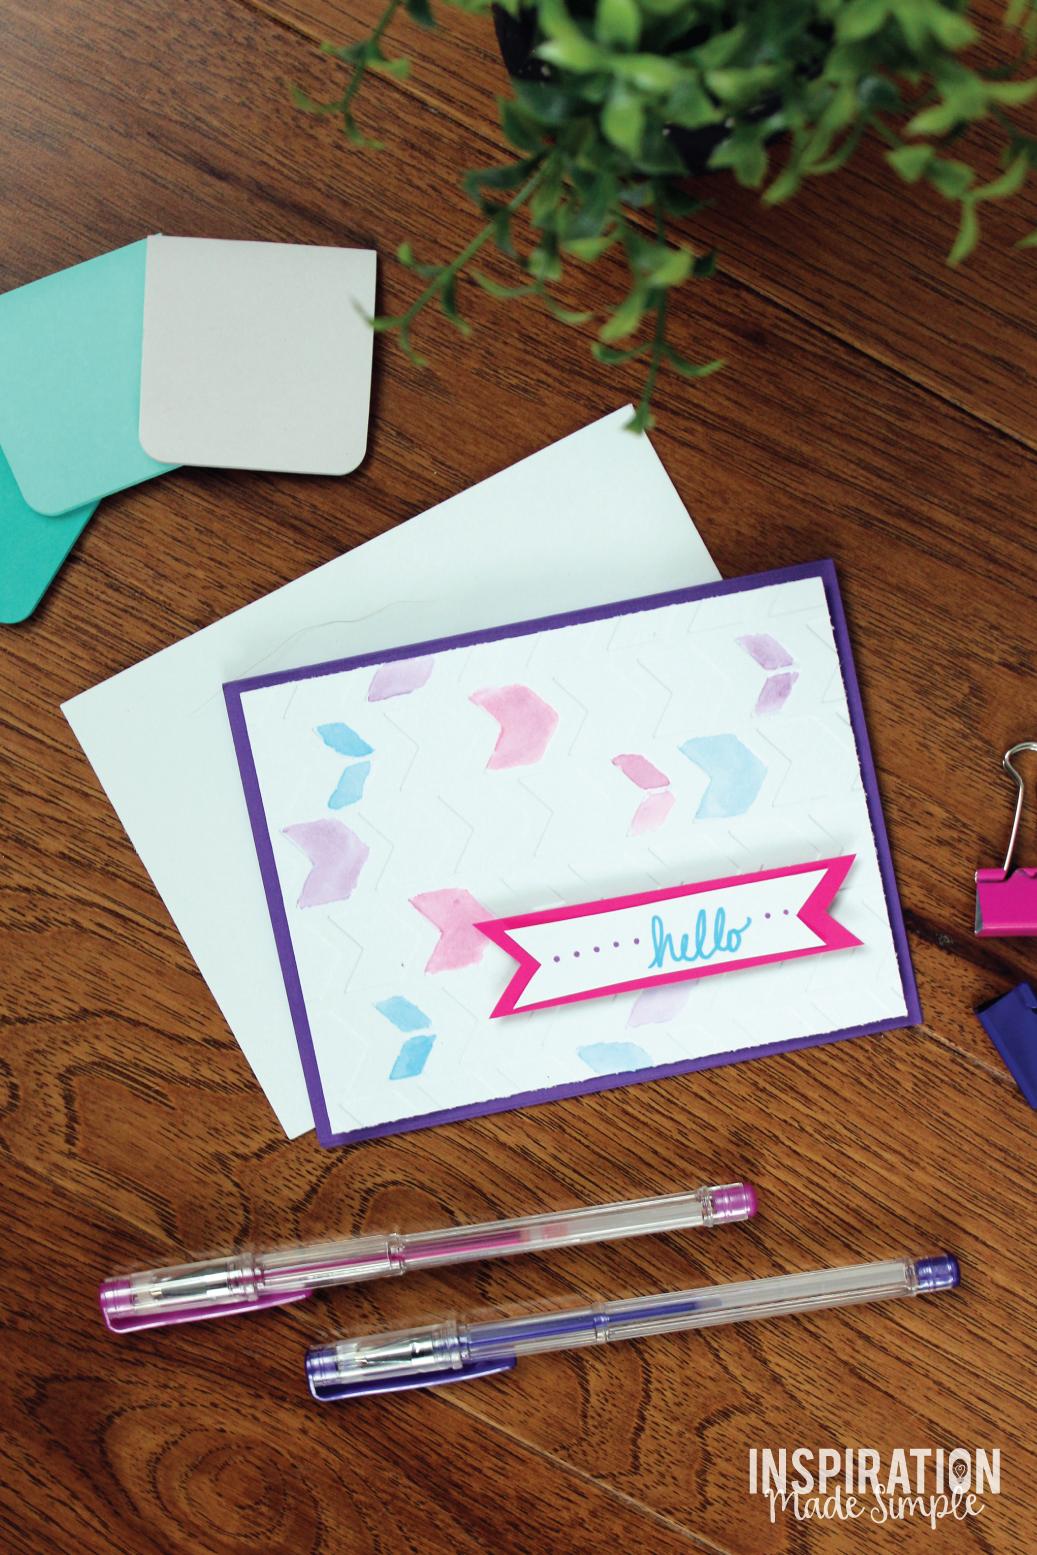 Diy watercolor embossed greeting card inspiration made simple diy watercolor embossed greeting card m4hsunfo